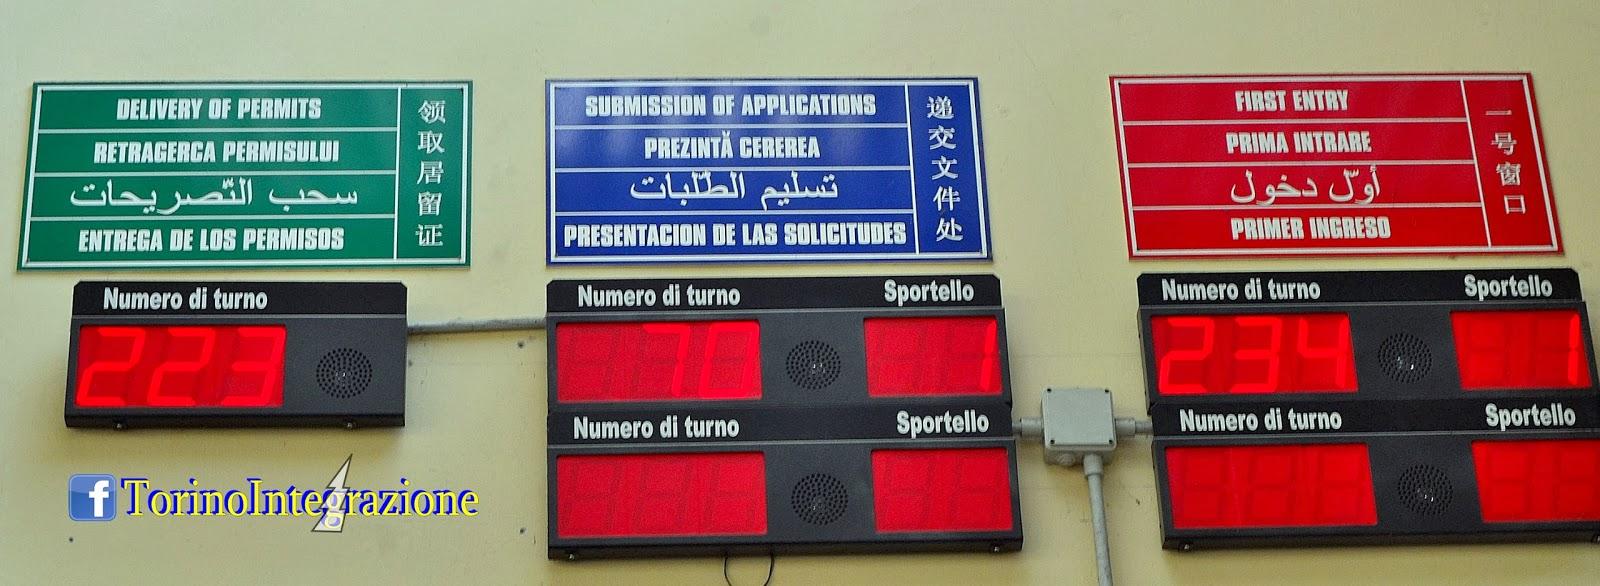 Torino integrazione permesso di soggiorno for Controllare il permesso di soggiorno